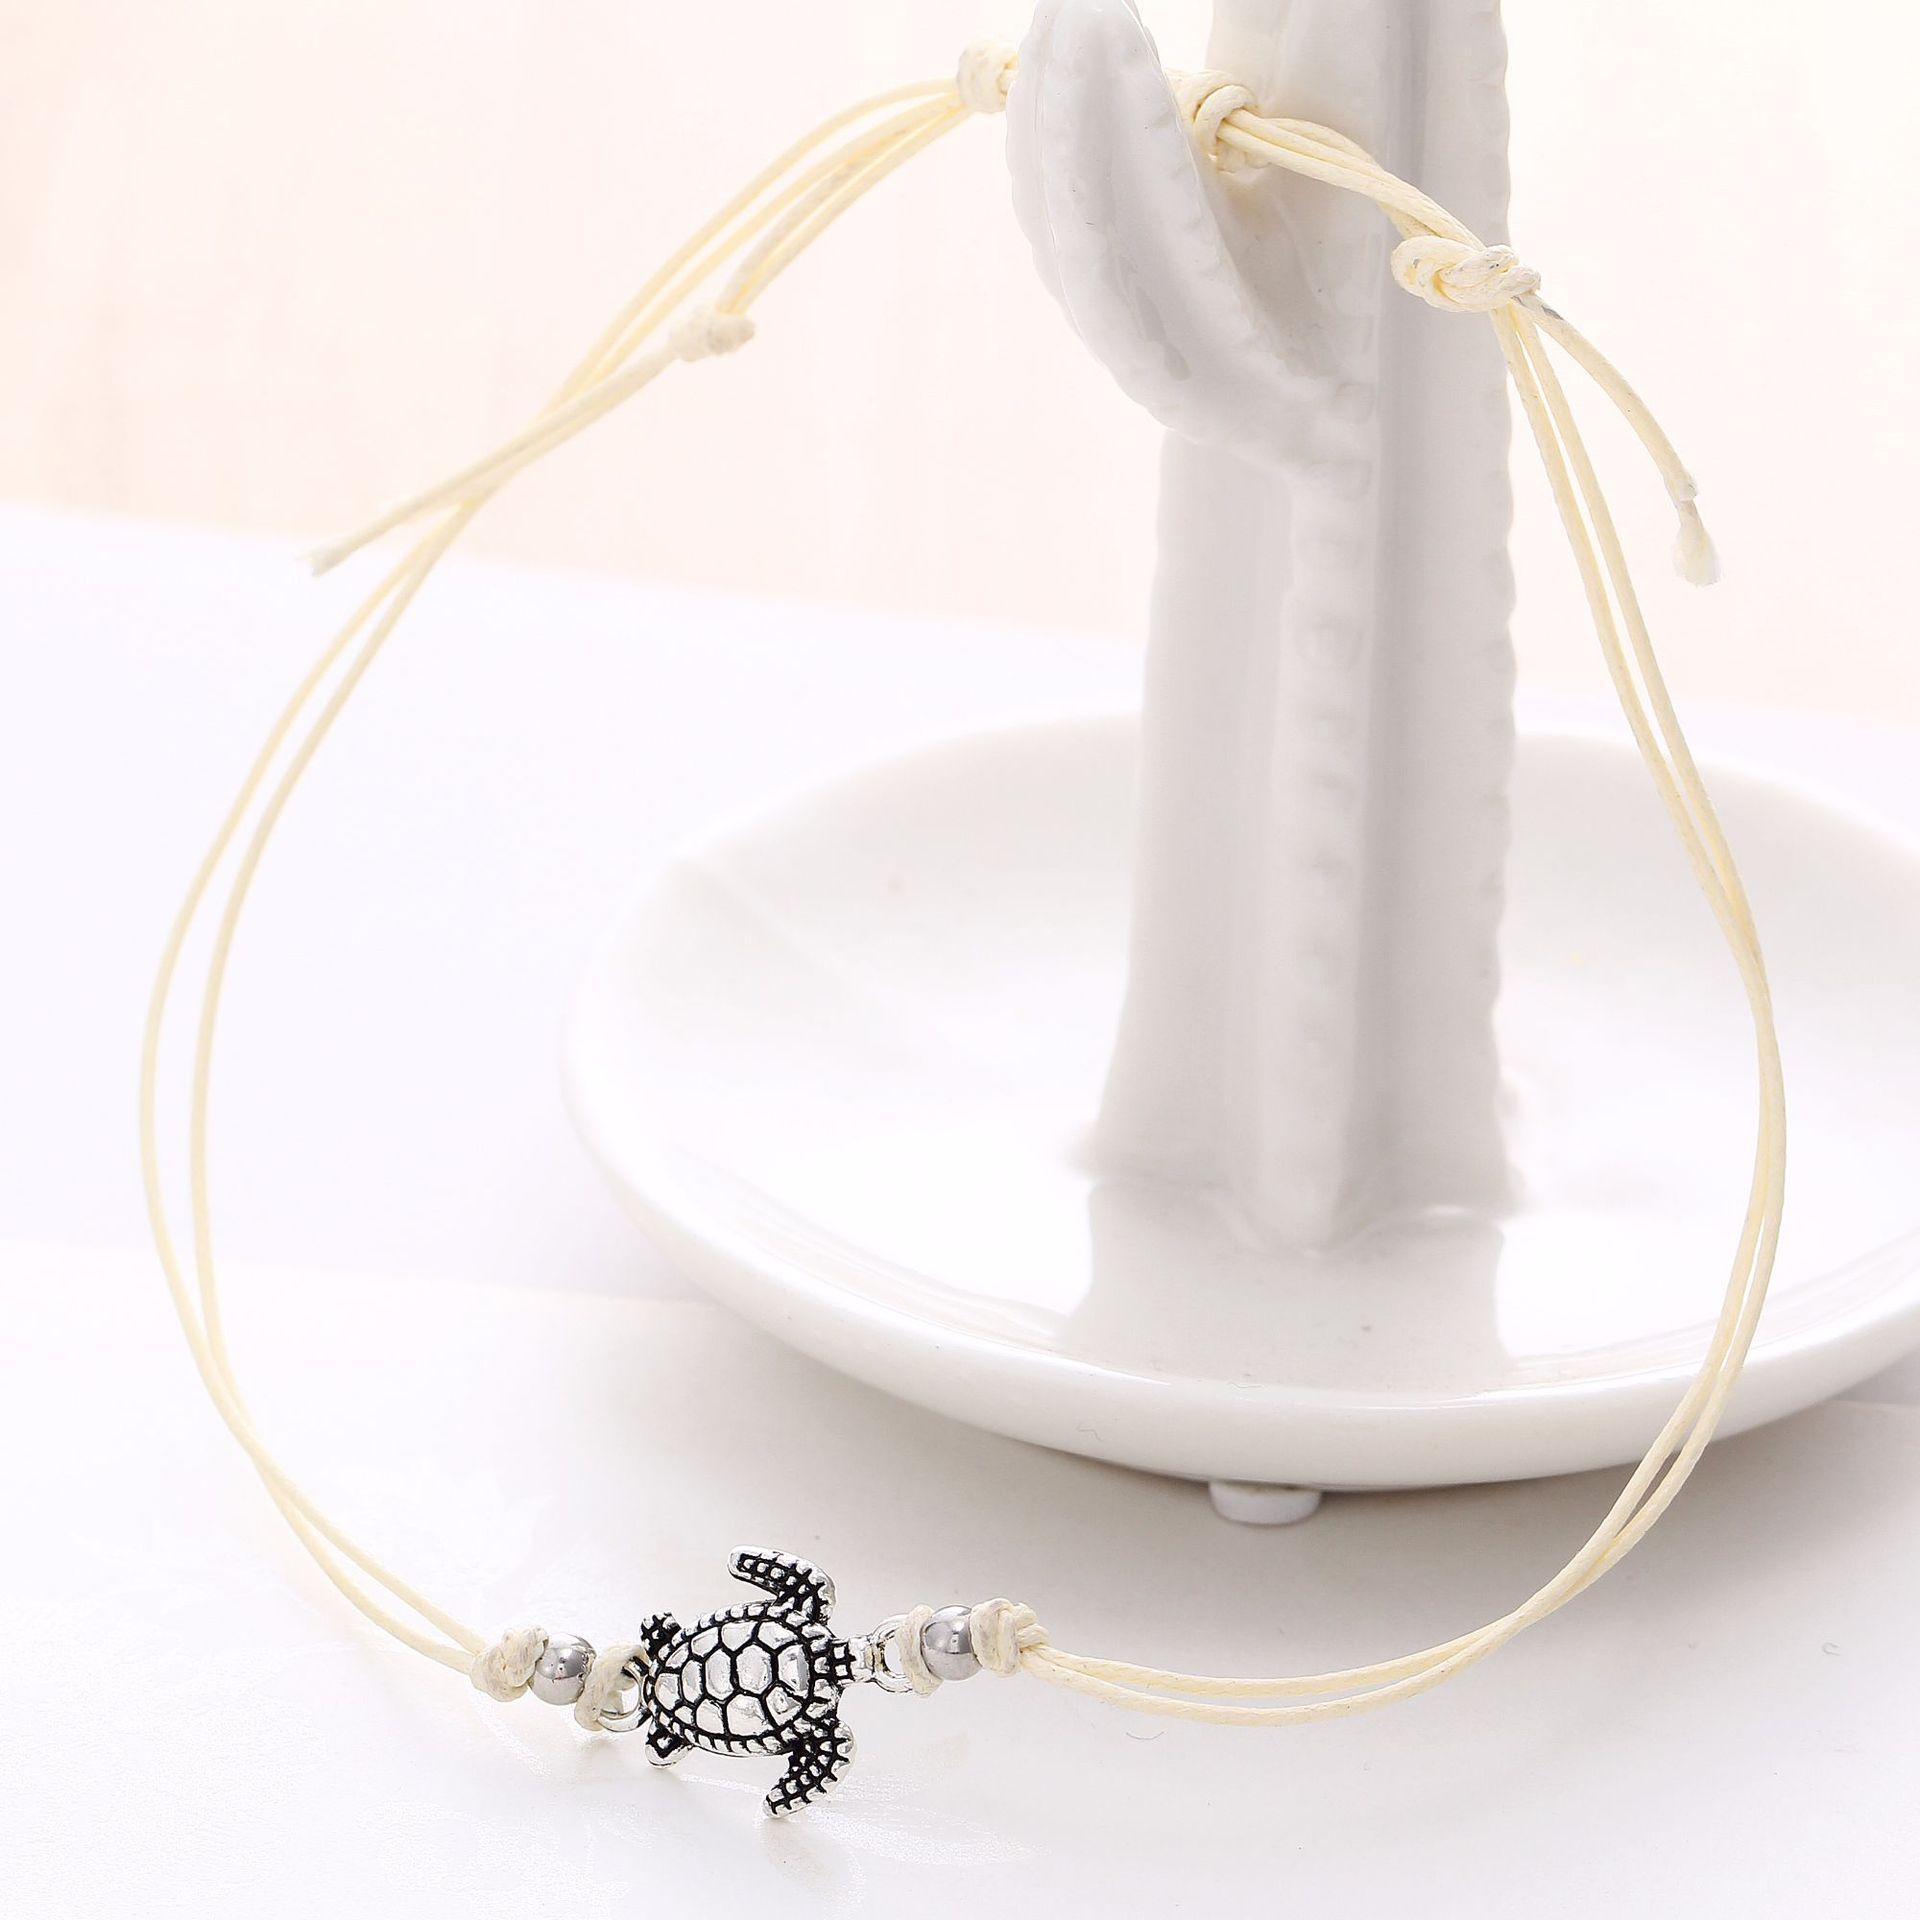 / Set Boho Hand Geflochtene Knöchel-Armband nette Cuckold Fuß Halhal Schmucksachen für Frauen Fußkette Strand Schmuck Accessoires